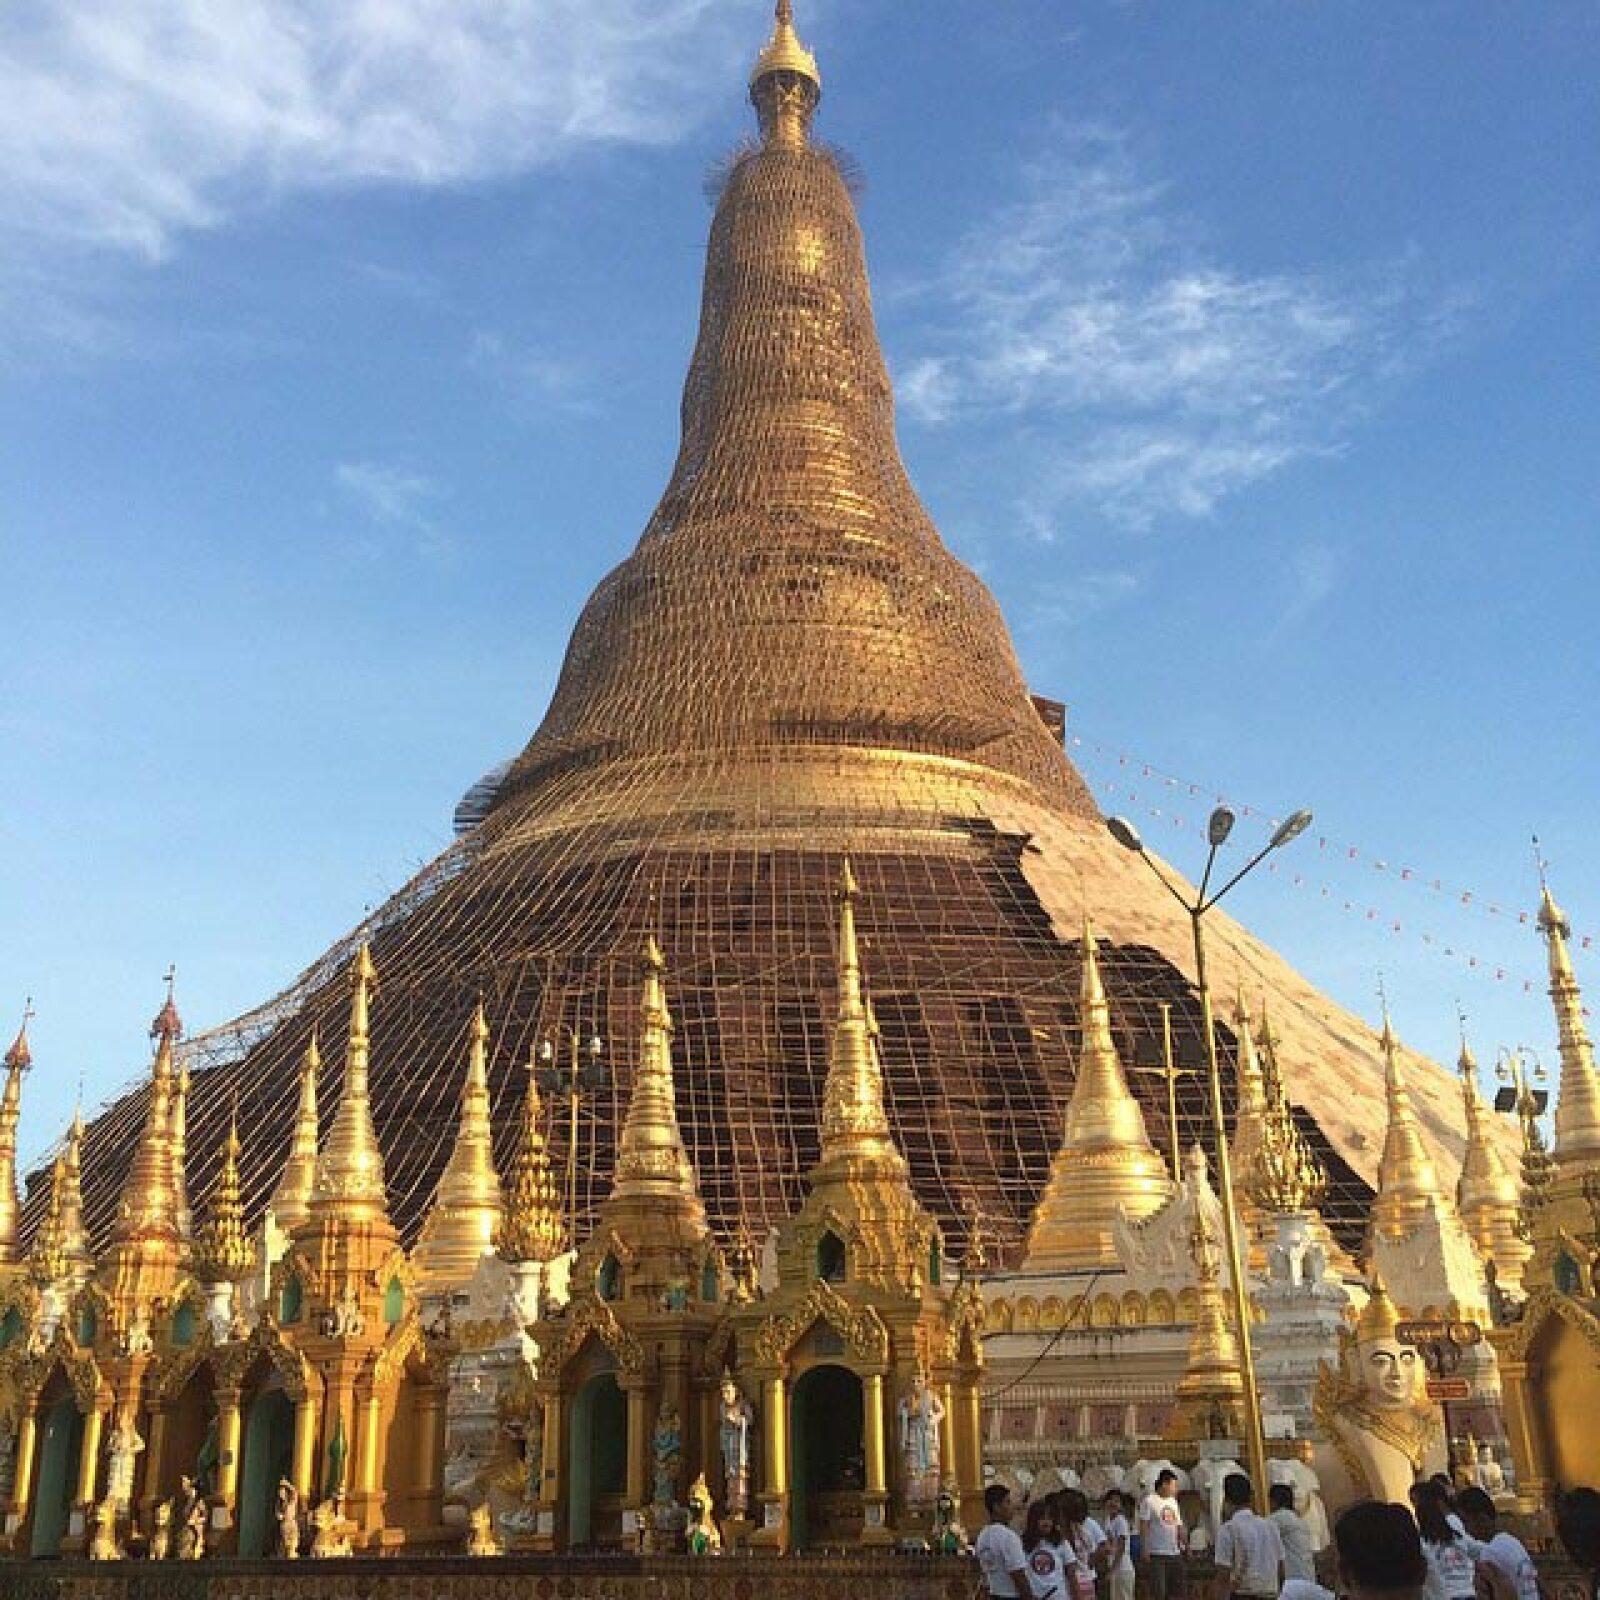 Cerca del río de Yangon, en la Pagoda Botataung en Birmania, la cual fue reconstruida después de la Segunda Guerra Mundial.